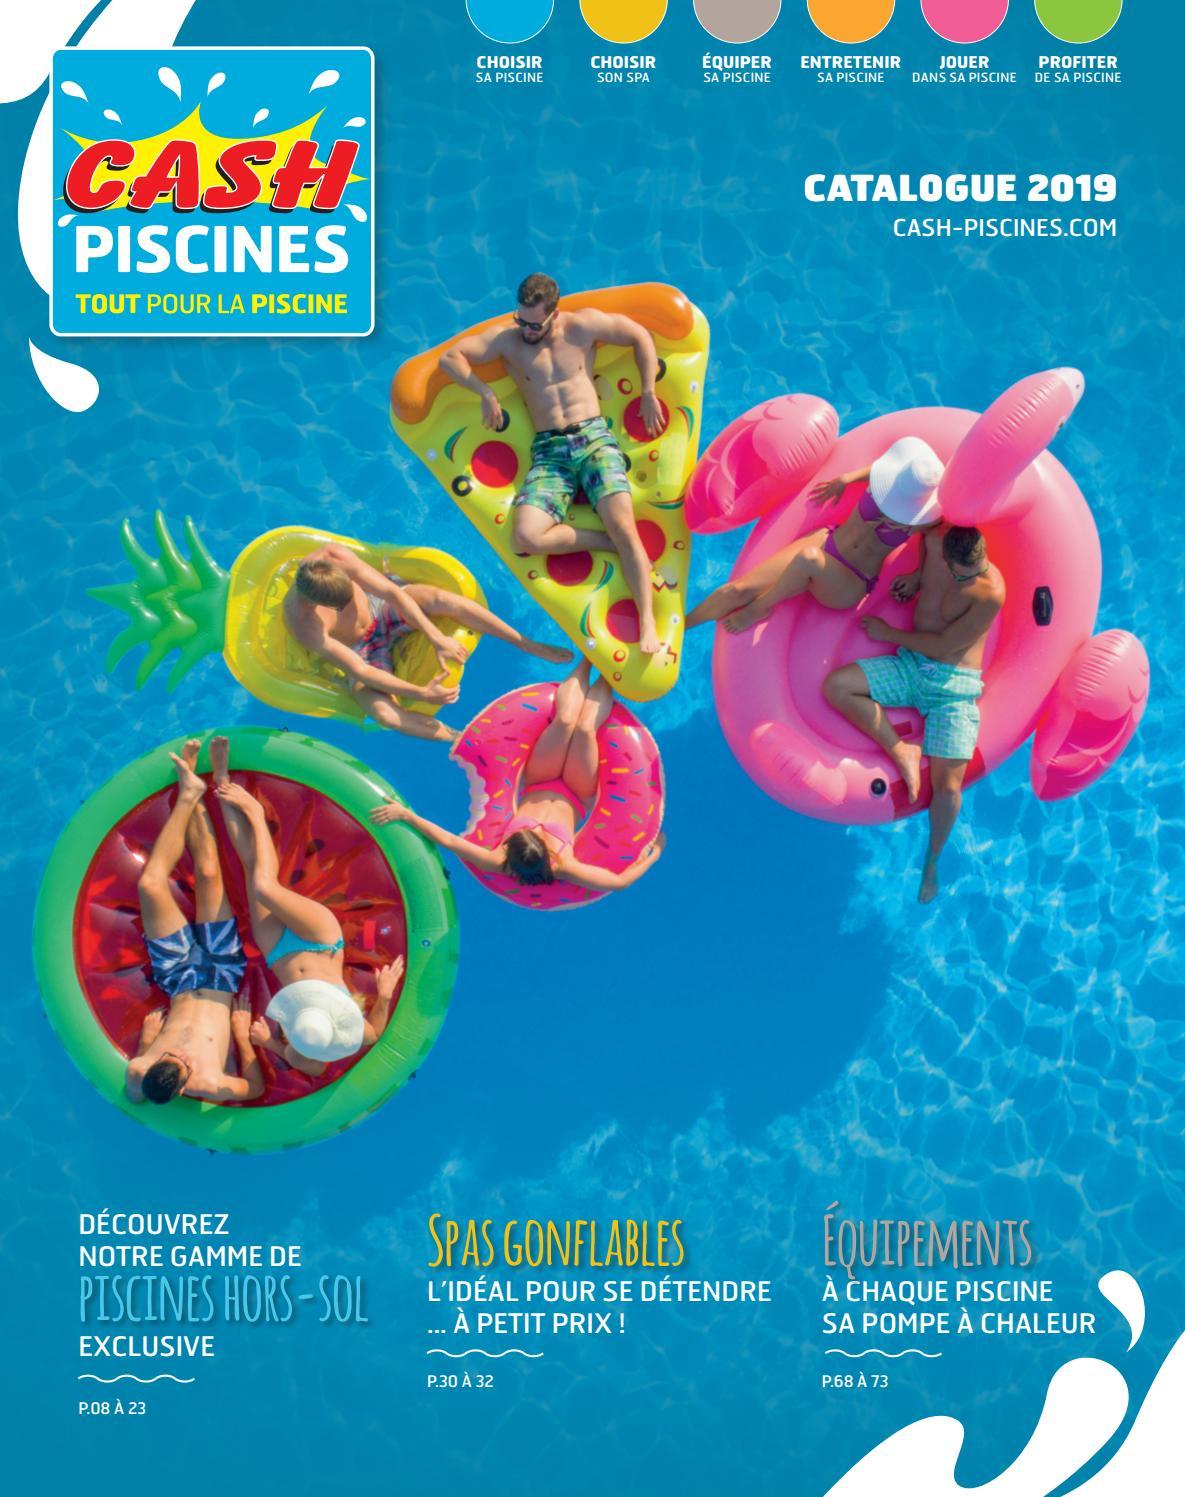 Catalogue Cash Piscines 2019 By Cashpiscines2 - Issuu encequiconcerne Cash Piscine Chalon